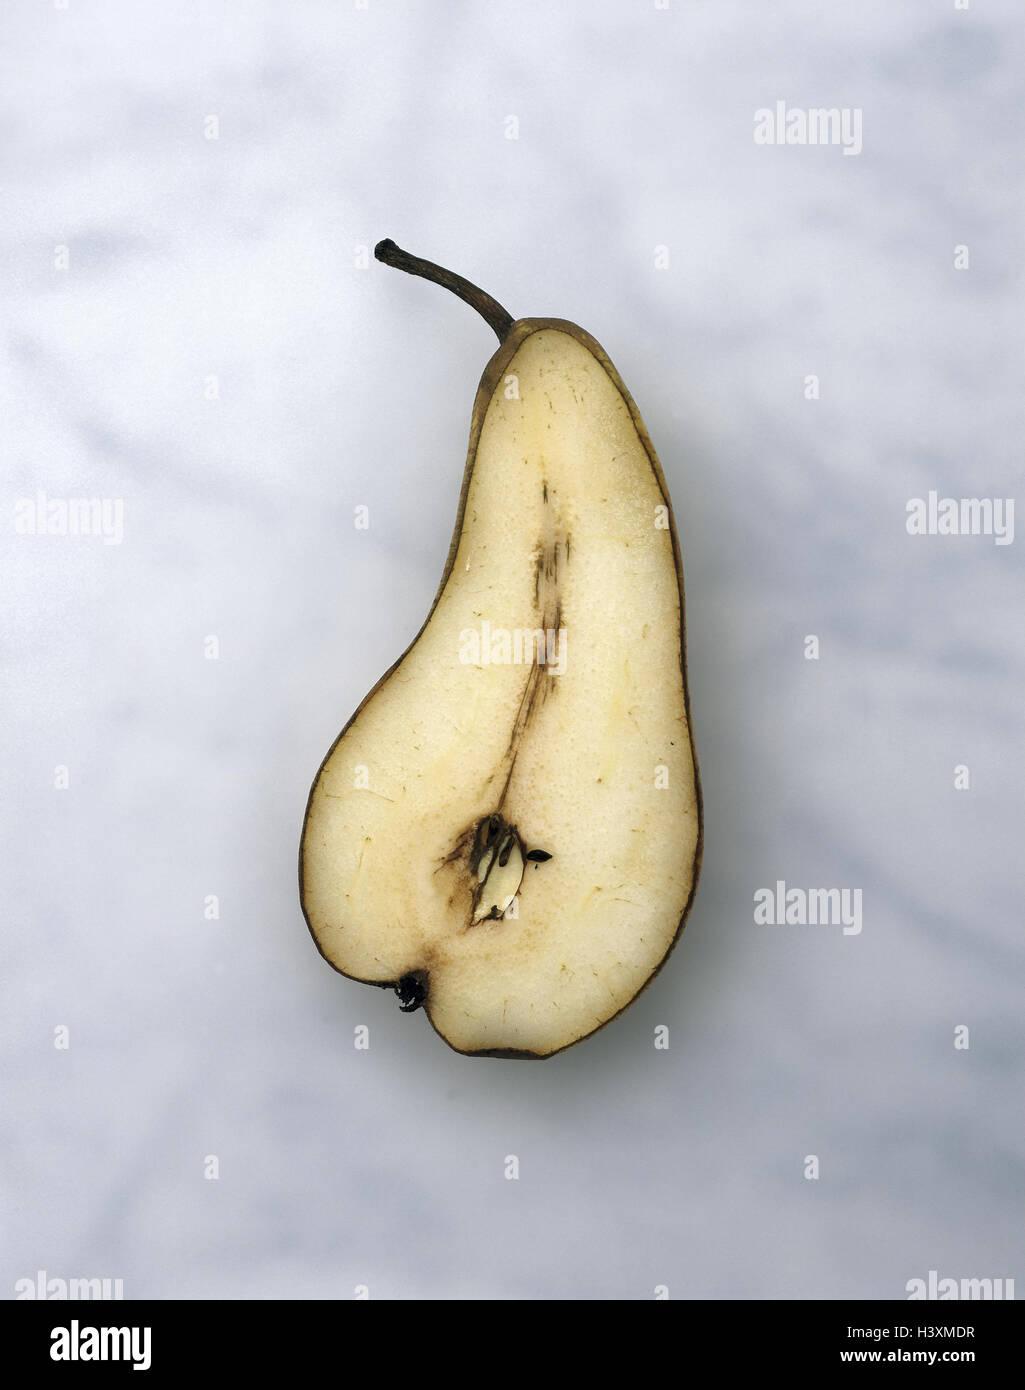 Birne, Hälften, braun, Obst, Birnen, halb, halb, Obst, Pyrus Communis, Kernobst, Ernährung, Essen, gesund, Stockbild